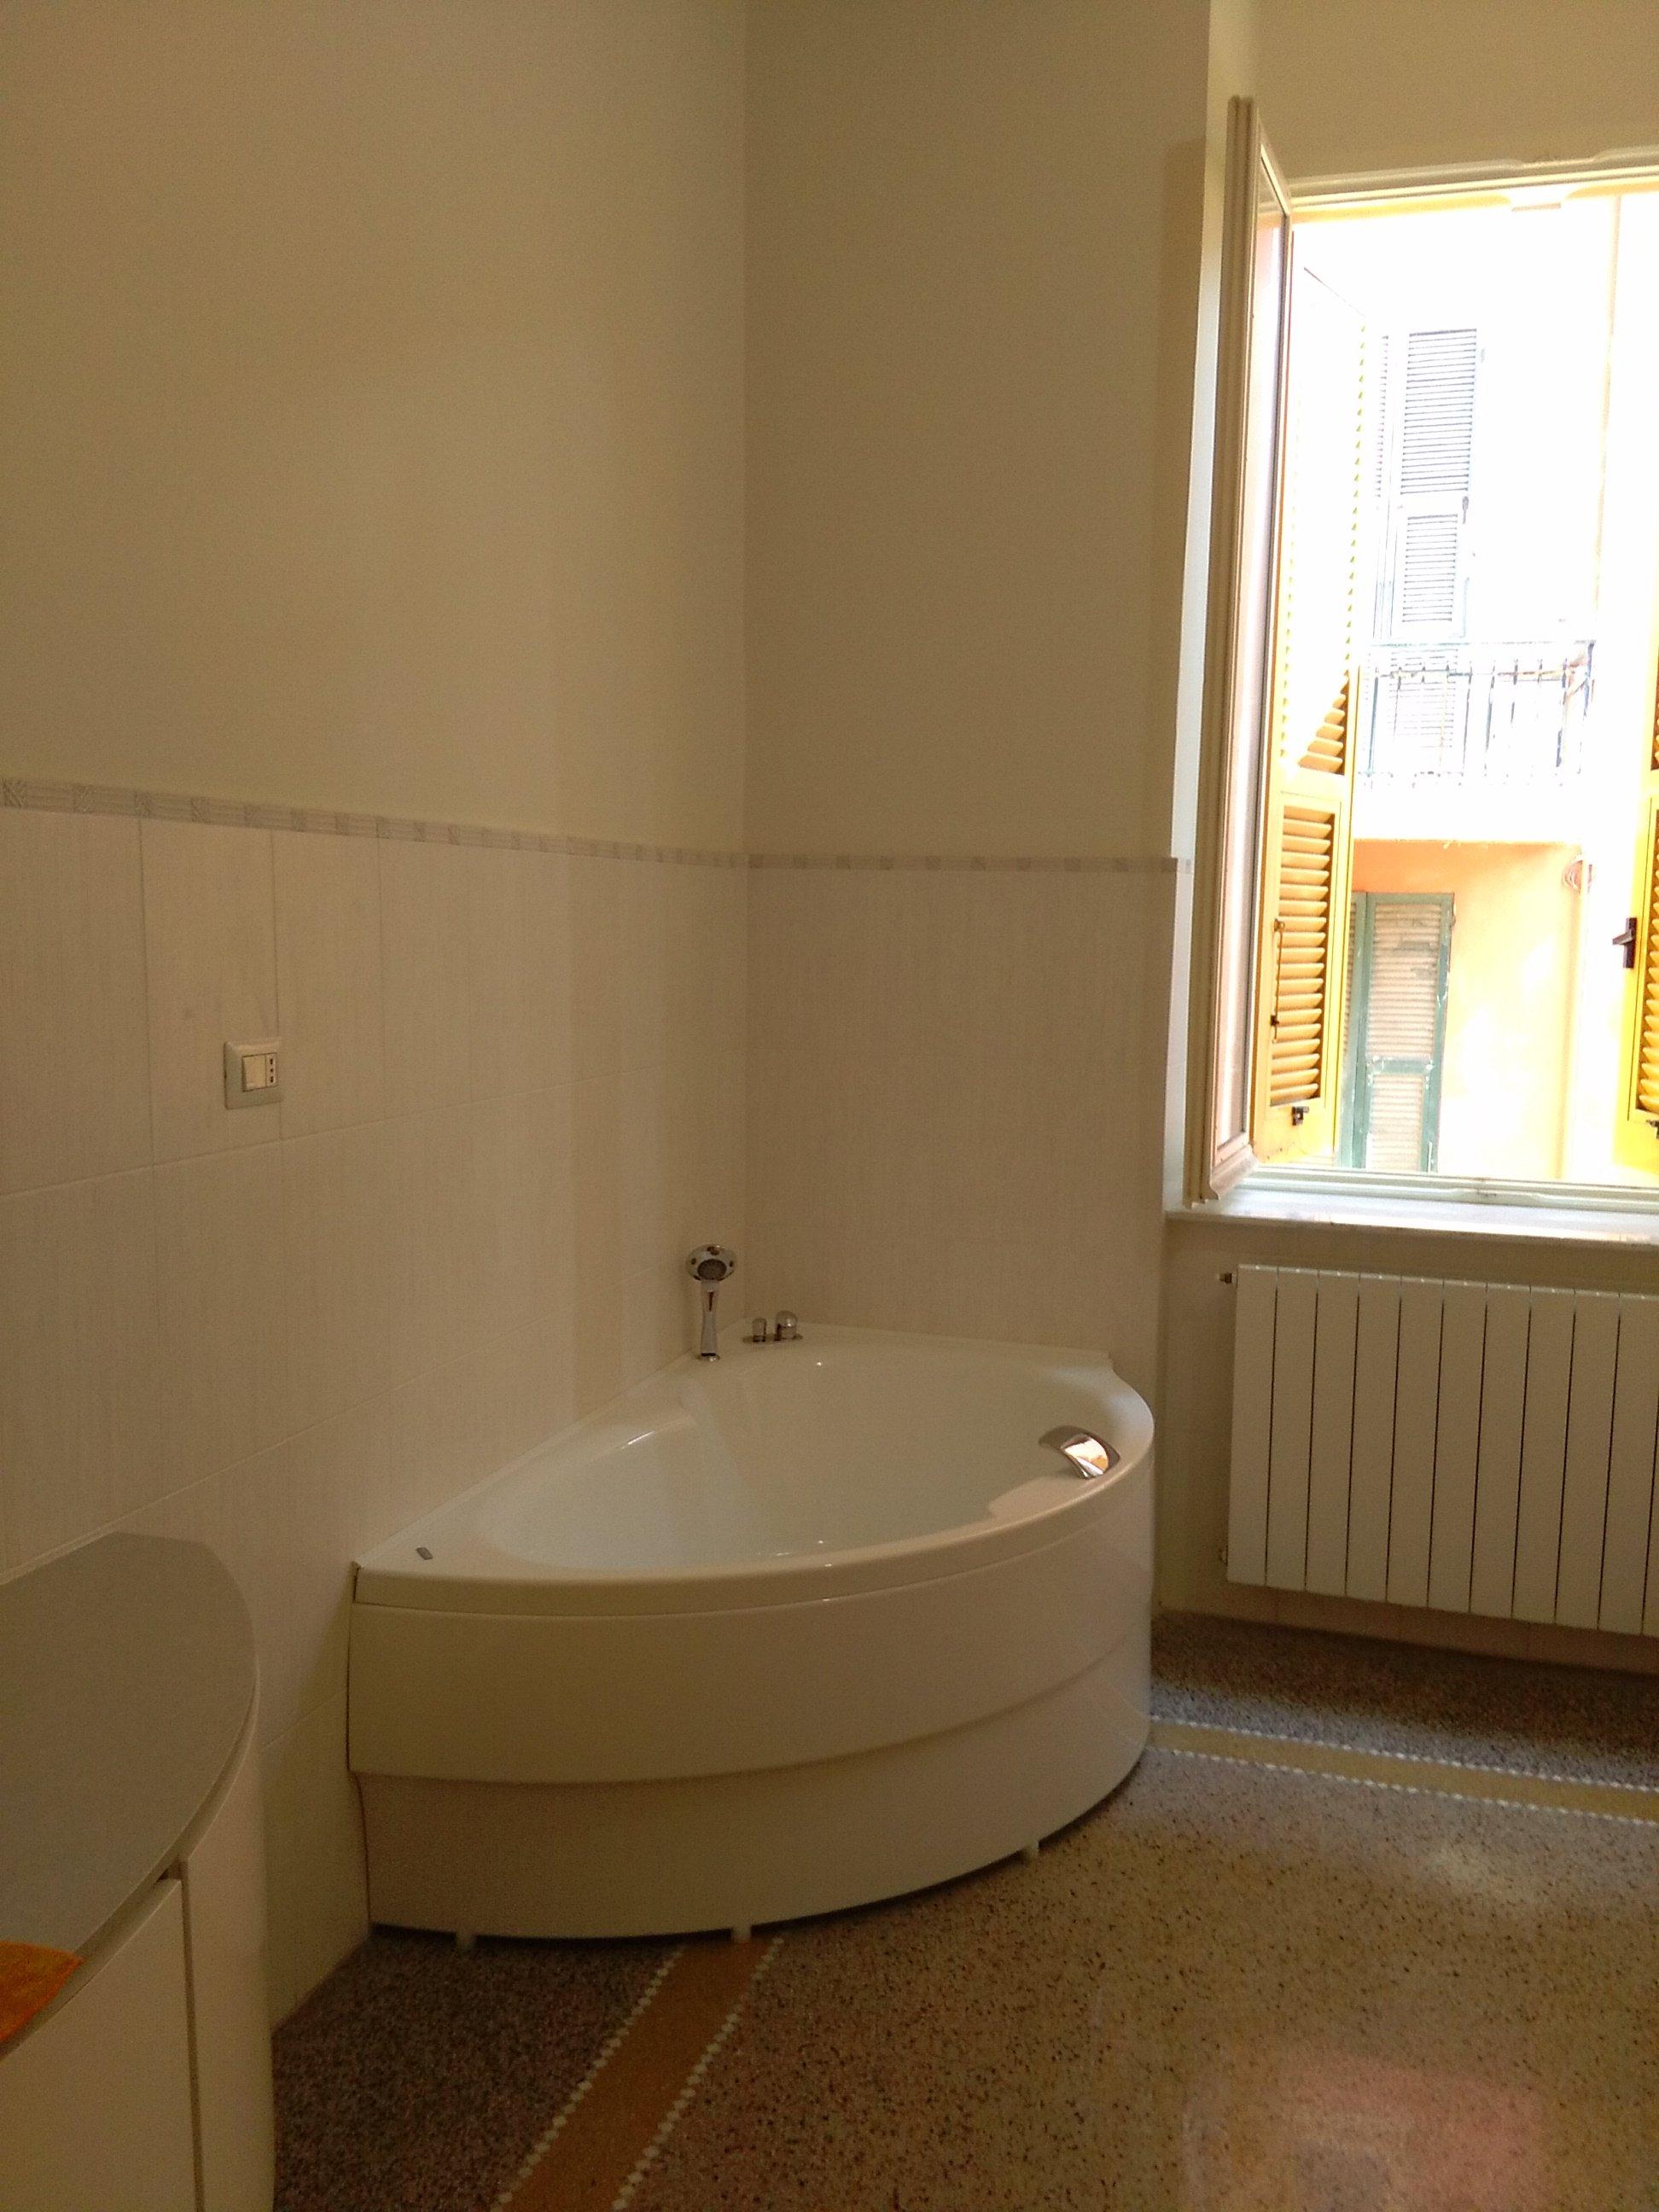 una vasca all'interno di un bagno moderno